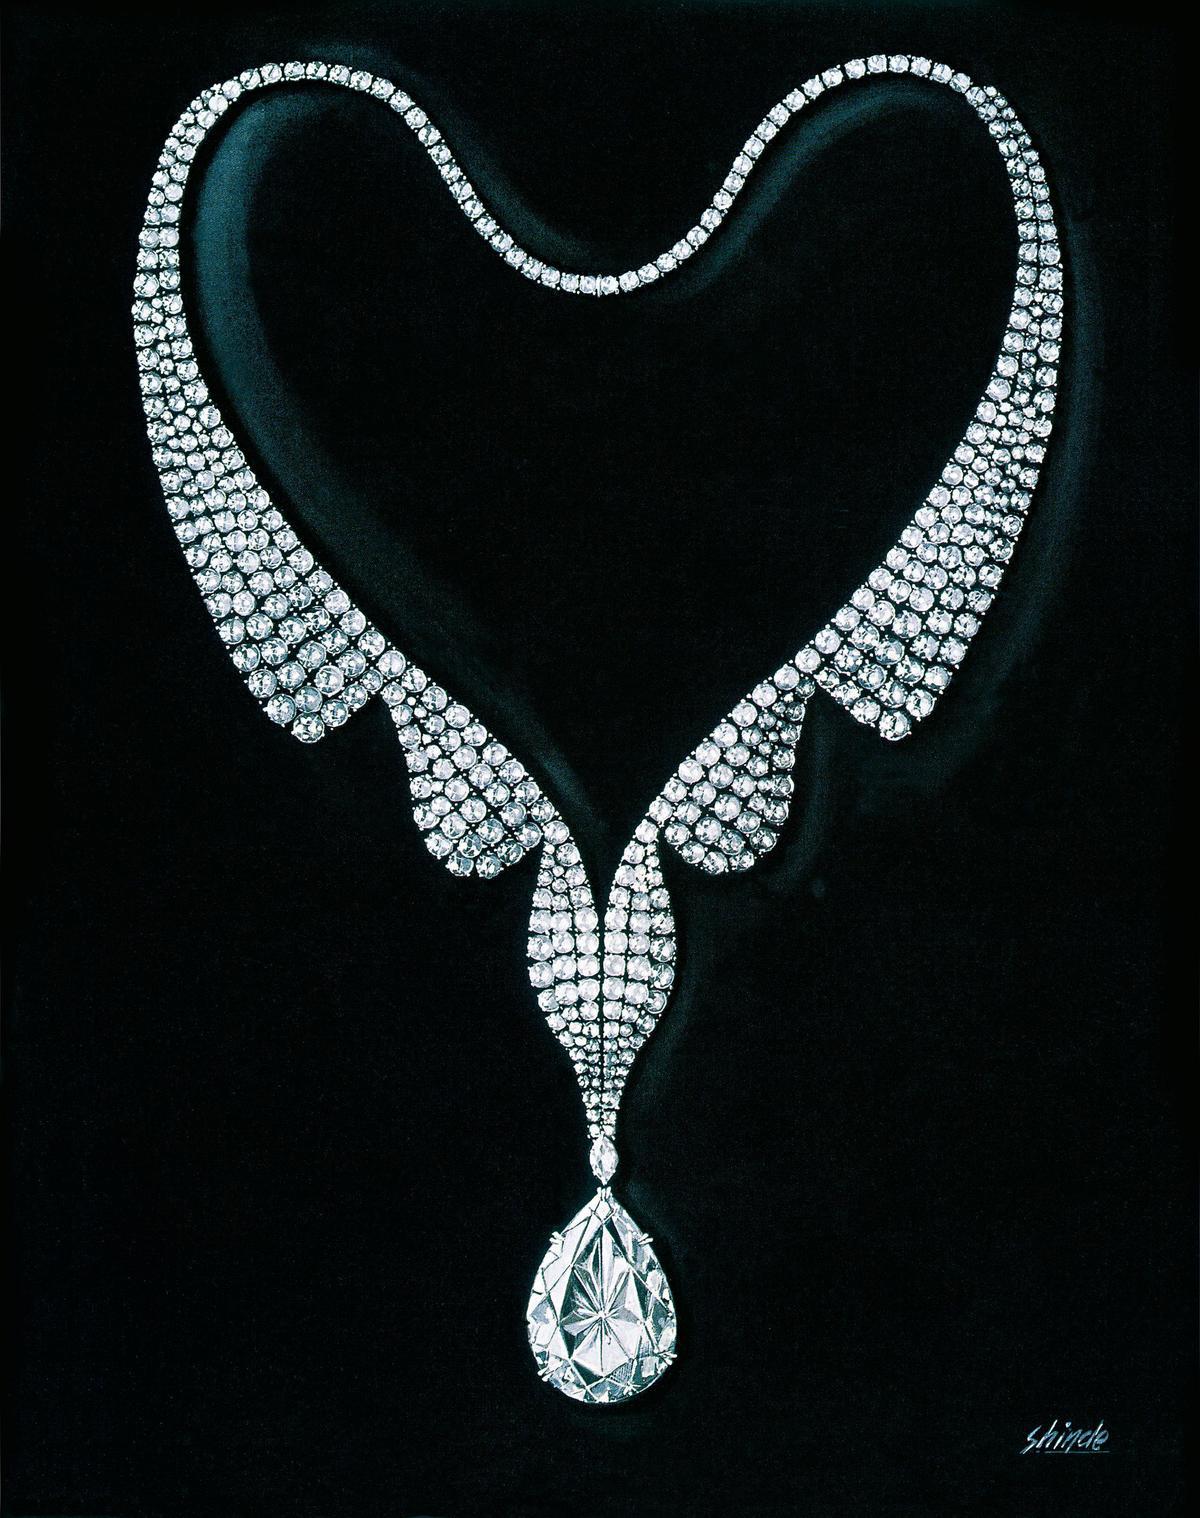 達69.42克拉的水滴形鑽石泰勒波頓之鑽,是當年引起好萊塢轟動的主角。